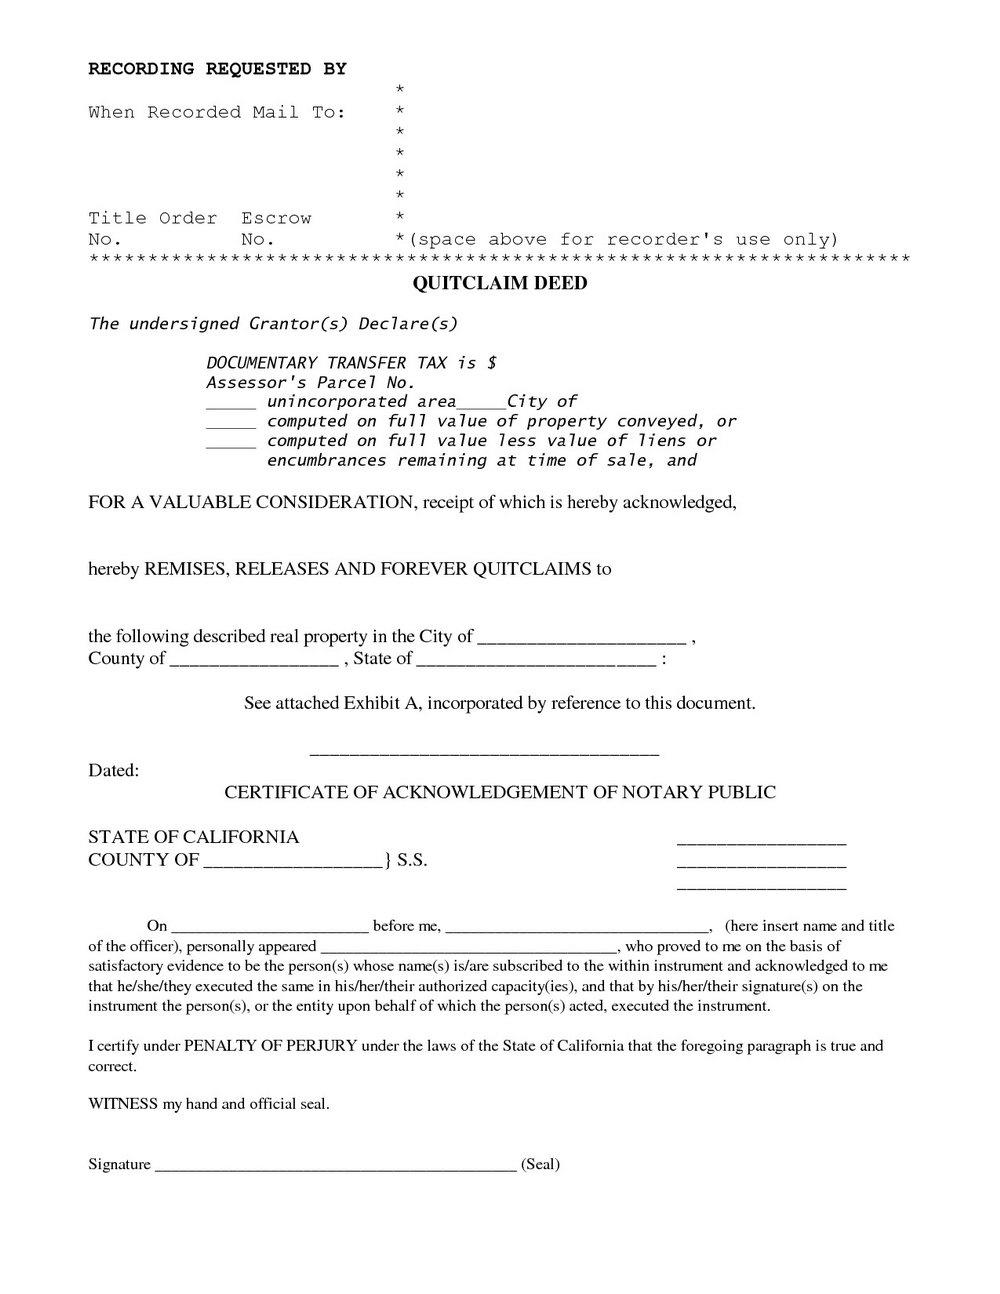 California Quit Claim Deed Form Sample